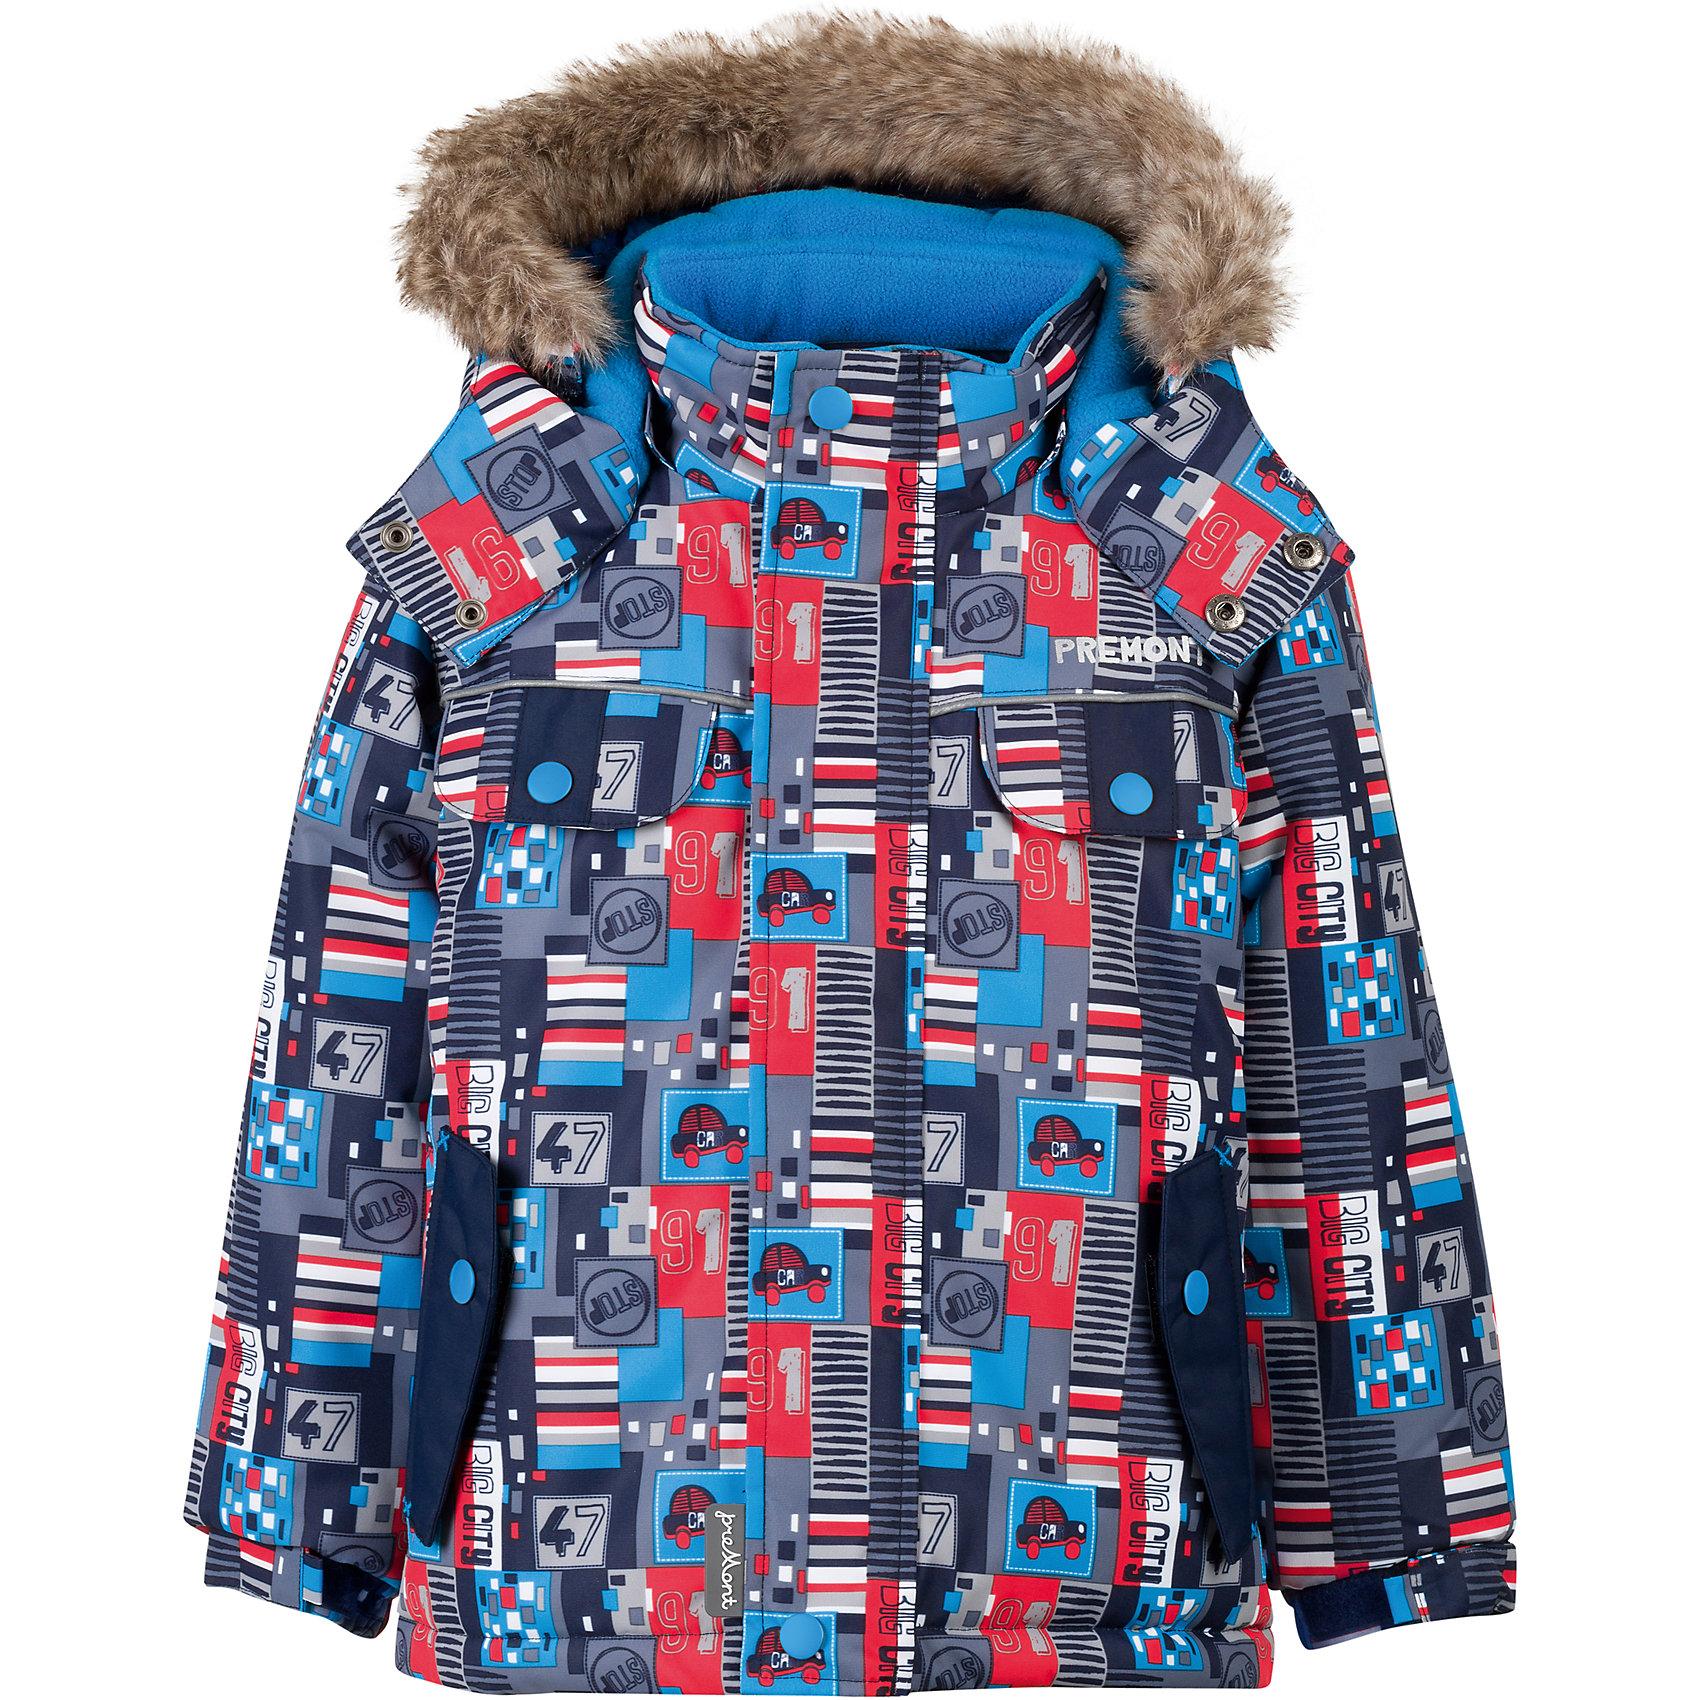 Куртка Premont для мальчикаВерхняя одежда<br>Характеристики товара:<br><br>• цвет: серый<br>• состав ткани: Taslan<br>• подкладка: Polar fleece, Taffeta<br>• утеплитель: Tech-polyfill<br>• сезон: зима<br>• мембранное покрытие<br>• температурный режим: от -20 до +5<br>• водонепроницаемость: 5000 мм <br>• паропроницаемость: 5000 г/м2<br>• плотность утеплителя: 220 г/м2<br>• капюшон: съемный<br>• искусственный мех на капюшоне отстегивается<br>• застежка: молния<br>• страна бренда: Канада<br>• страна изготовитель: Китай<br><br>Эта зимняя куртка предусматривает множество деталей. Детская куртка дополнена эластичными манжетами, светоотражающими элементами, планкой от ветра и карманами. Мембранная куртка для ребенка сделана из современных качественных материалов. <br><br>Куртку для мальчика Premont (Премонт) можно купить в нашем интернет-магазине.<br><br>Ширина мм: 356<br>Глубина мм: 10<br>Высота мм: 245<br>Вес г: 519<br>Цвет: серый<br>Возраст от месяцев: 84<br>Возраст до месяцев: 96<br>Пол: Мужской<br>Возраст: Детский<br>Размер: 128,100,104,110,116,120,122<br>SKU: 7088422